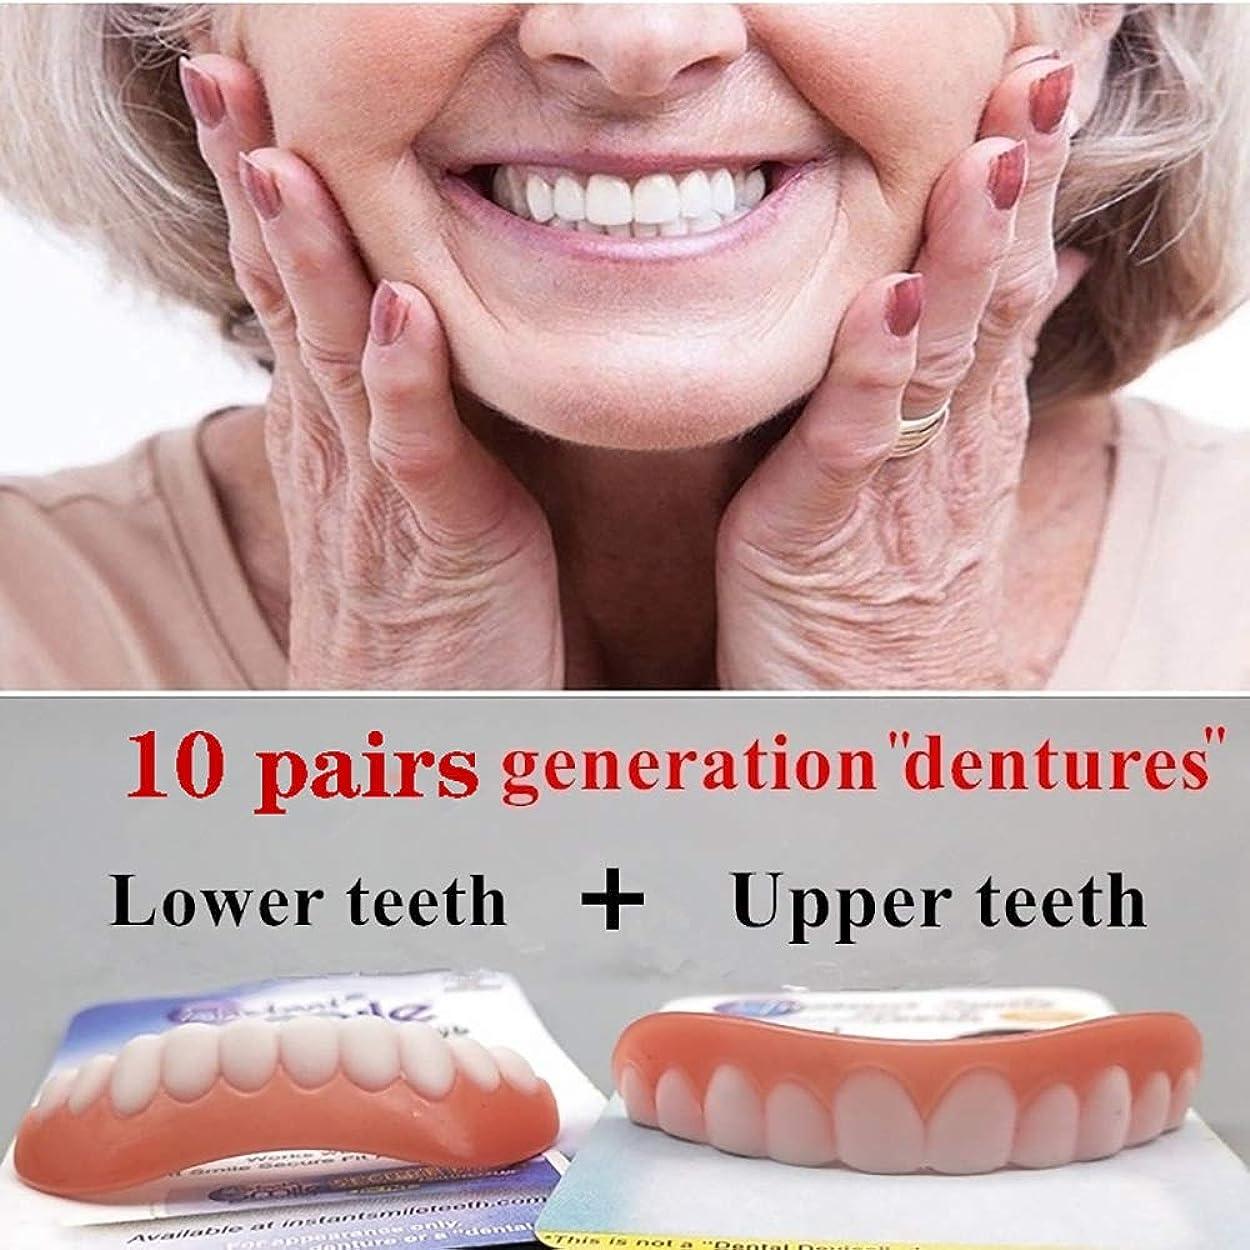 咳心から副20個の歯の快適さフィットフレックス化粧品の歯義歯の歯のトップ化粧品のベニヤシミュレーションブレース新しい